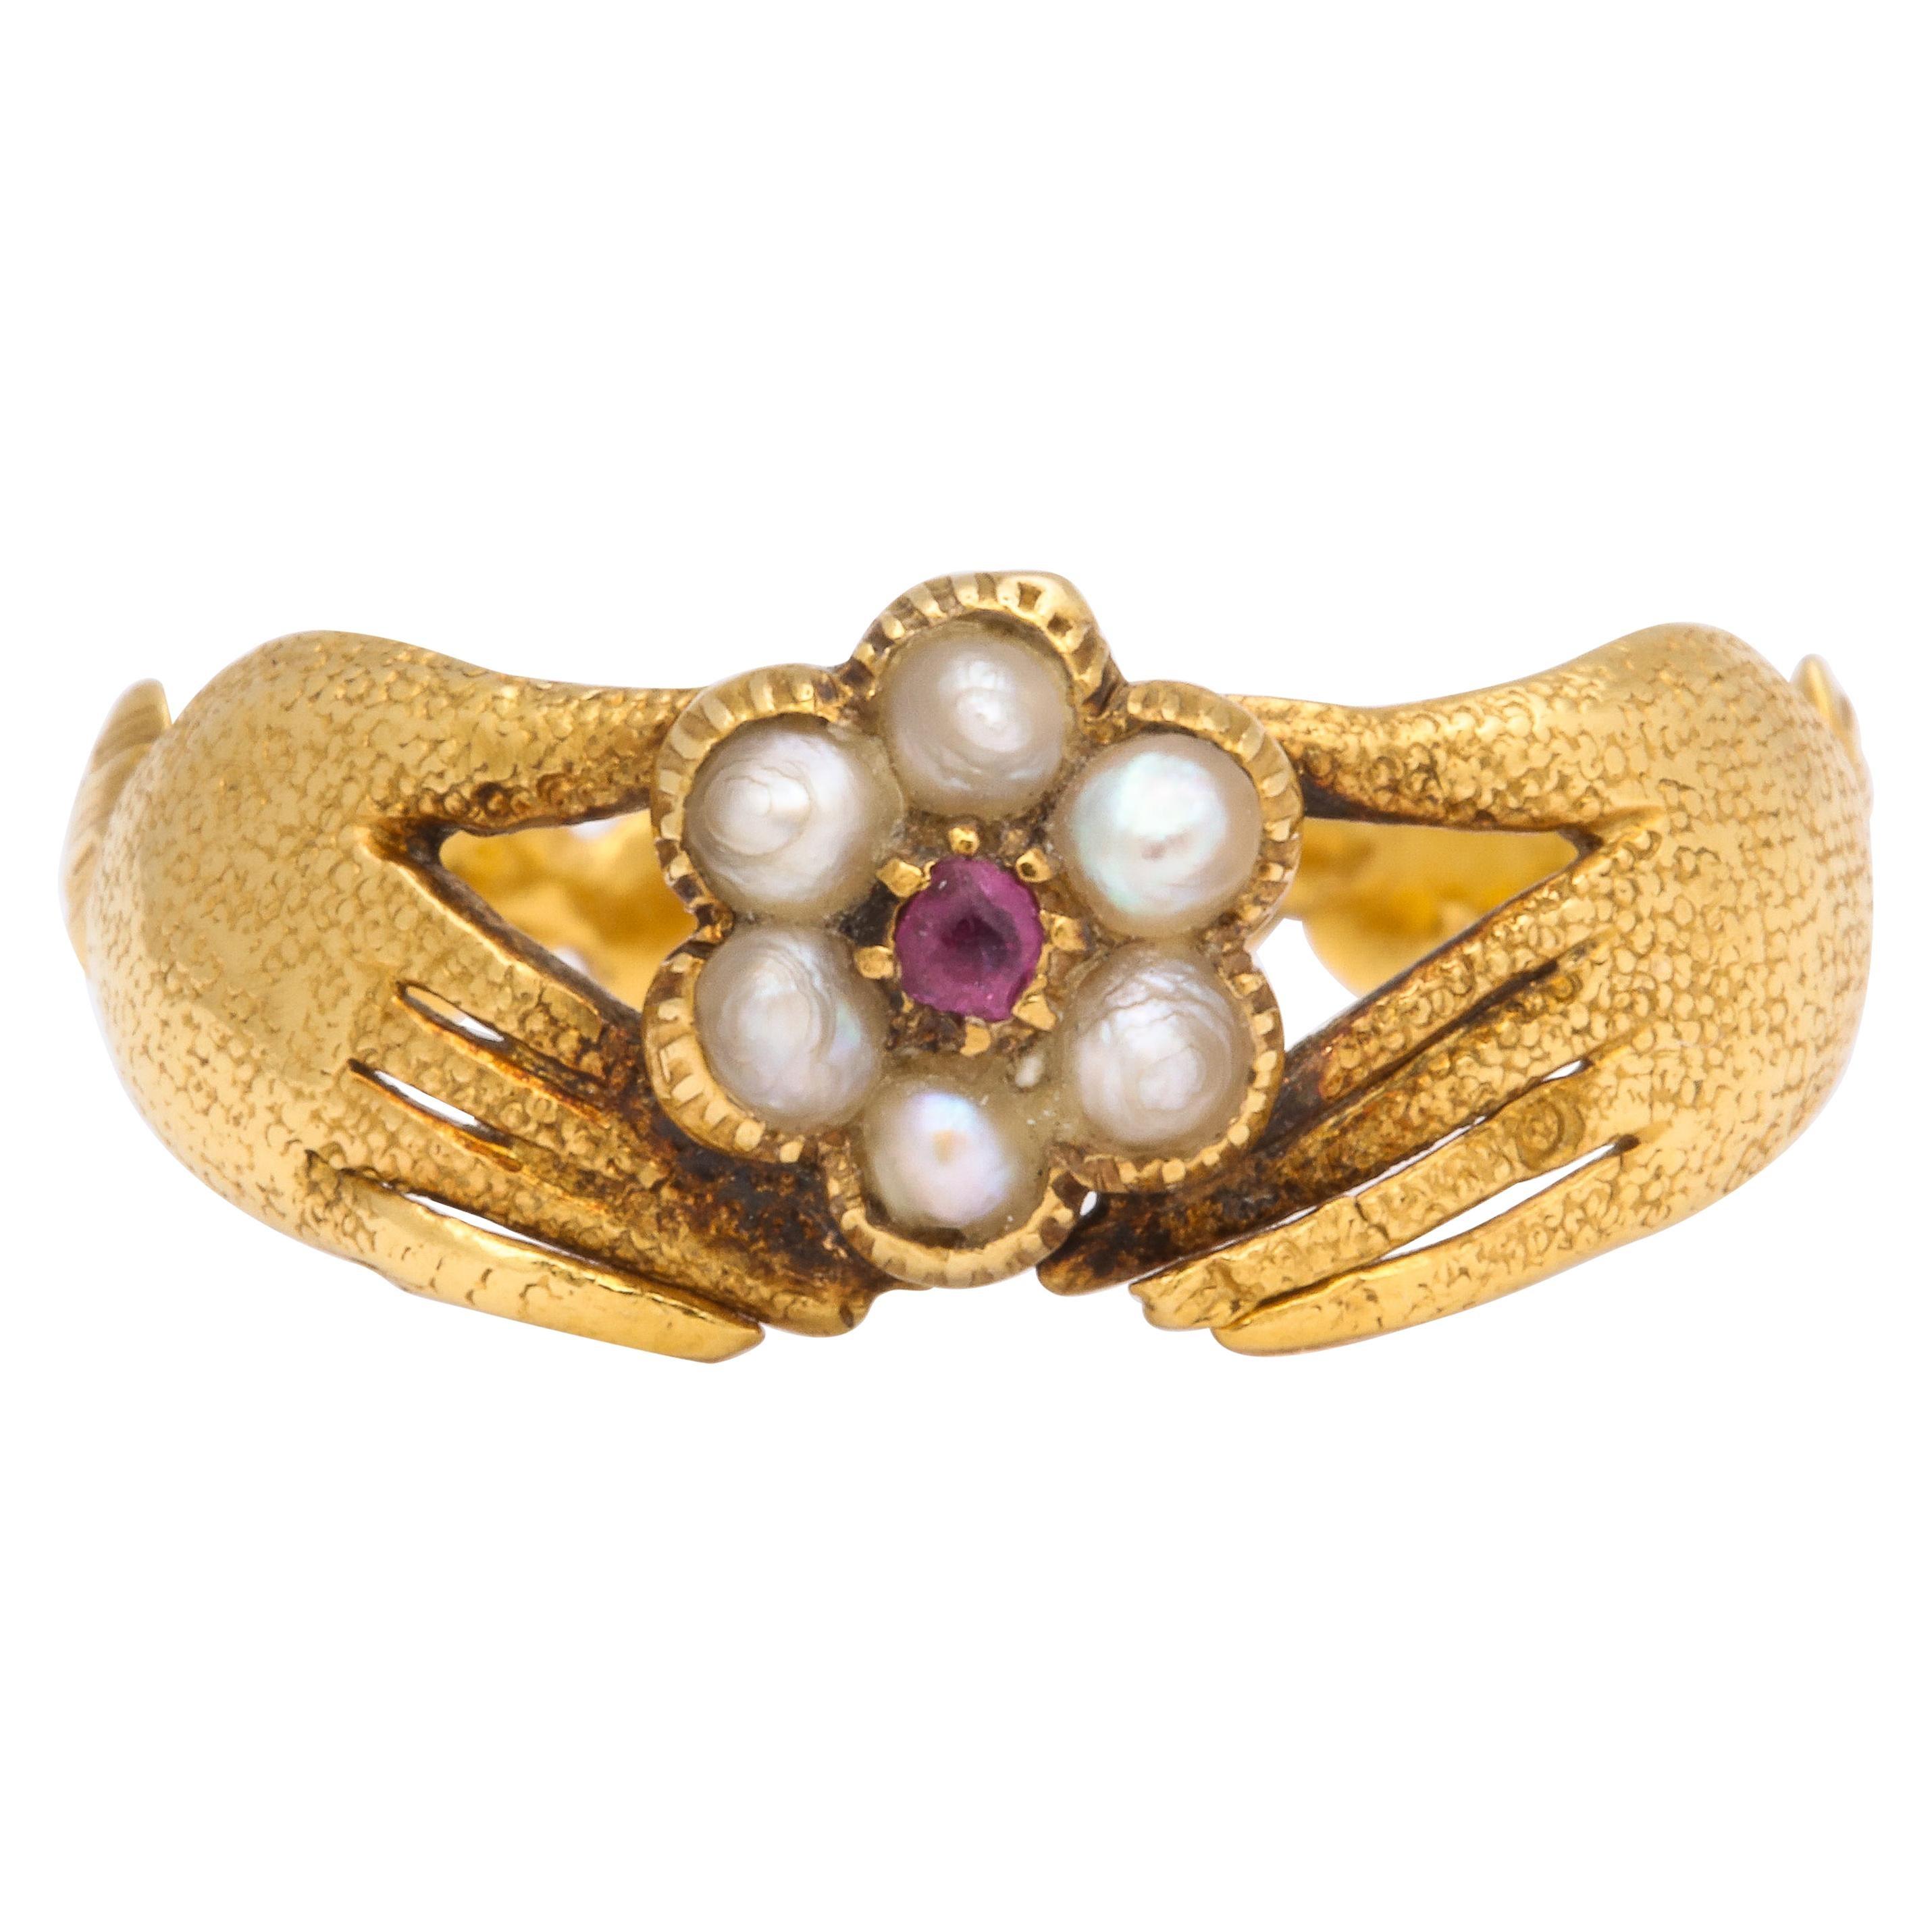 Georgian Ruby and Pearl Fede Ring